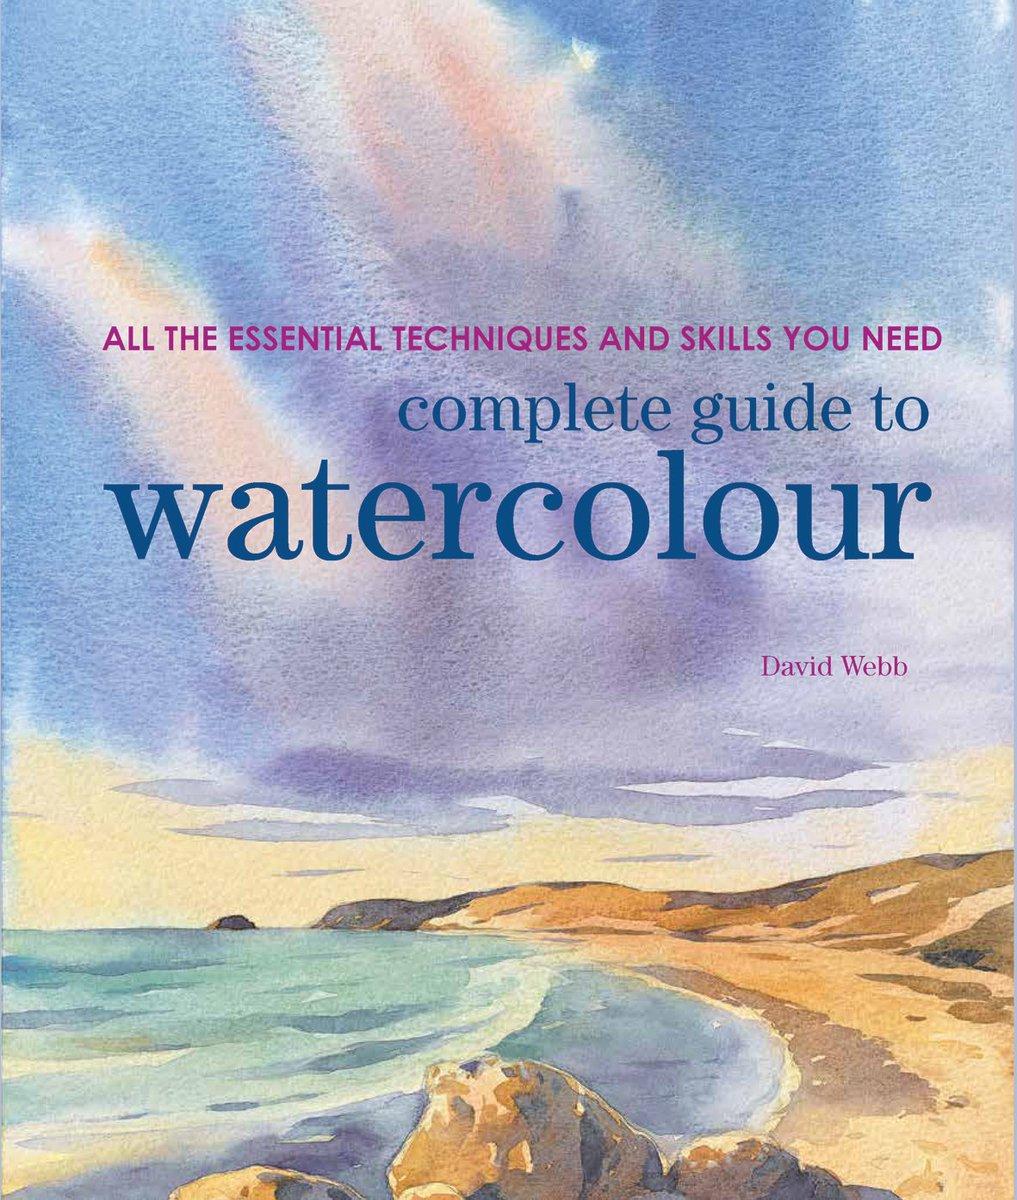 Watercolor books by search press - Search Press Books Searchpress